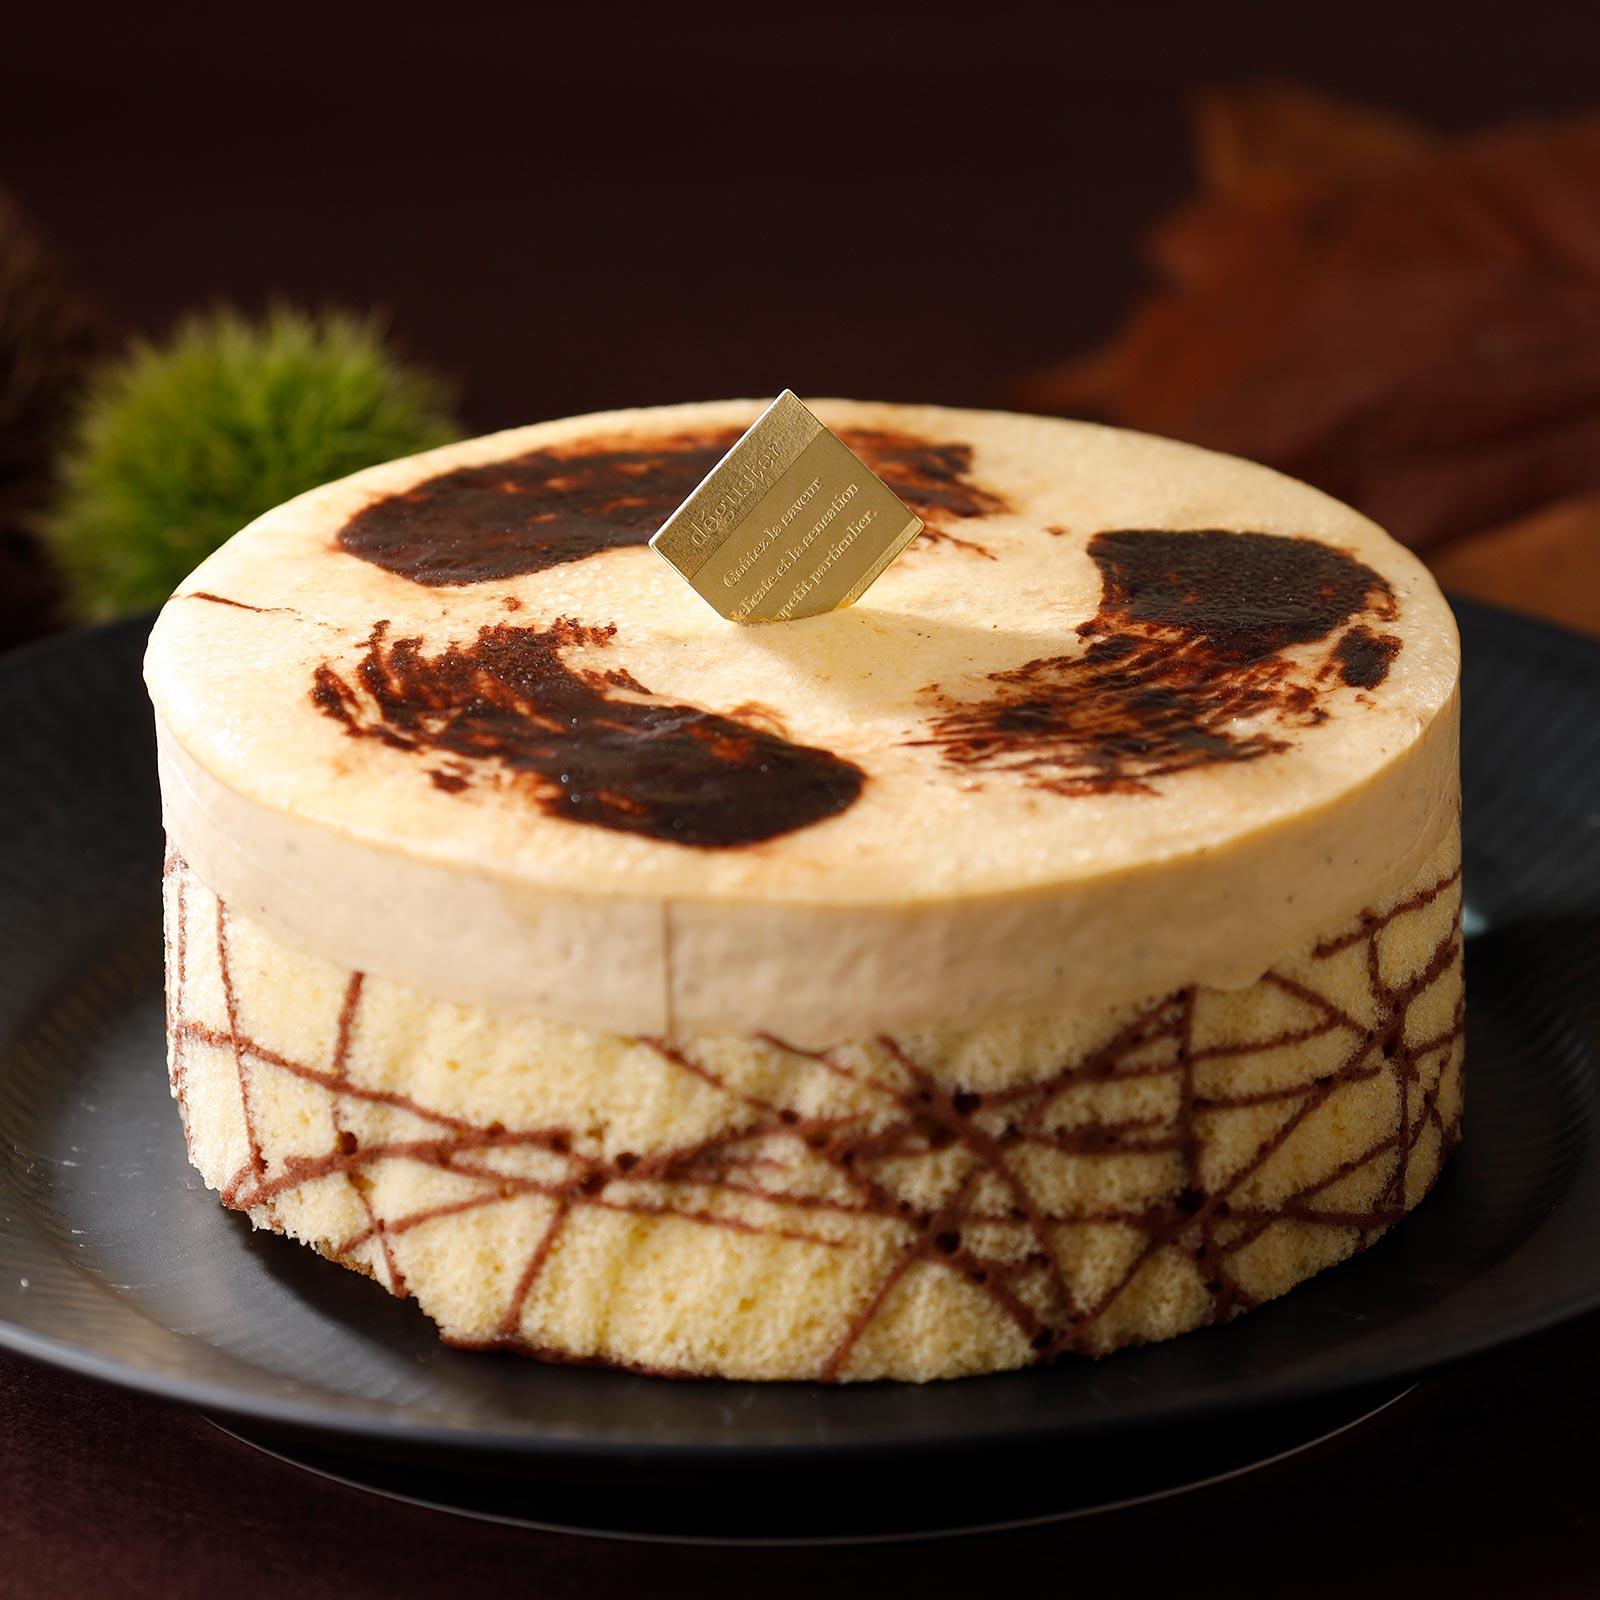 和栗のババロアにショコラムースやプラリネクランチなどを重ねた、秋限定の濃厚ケーキ